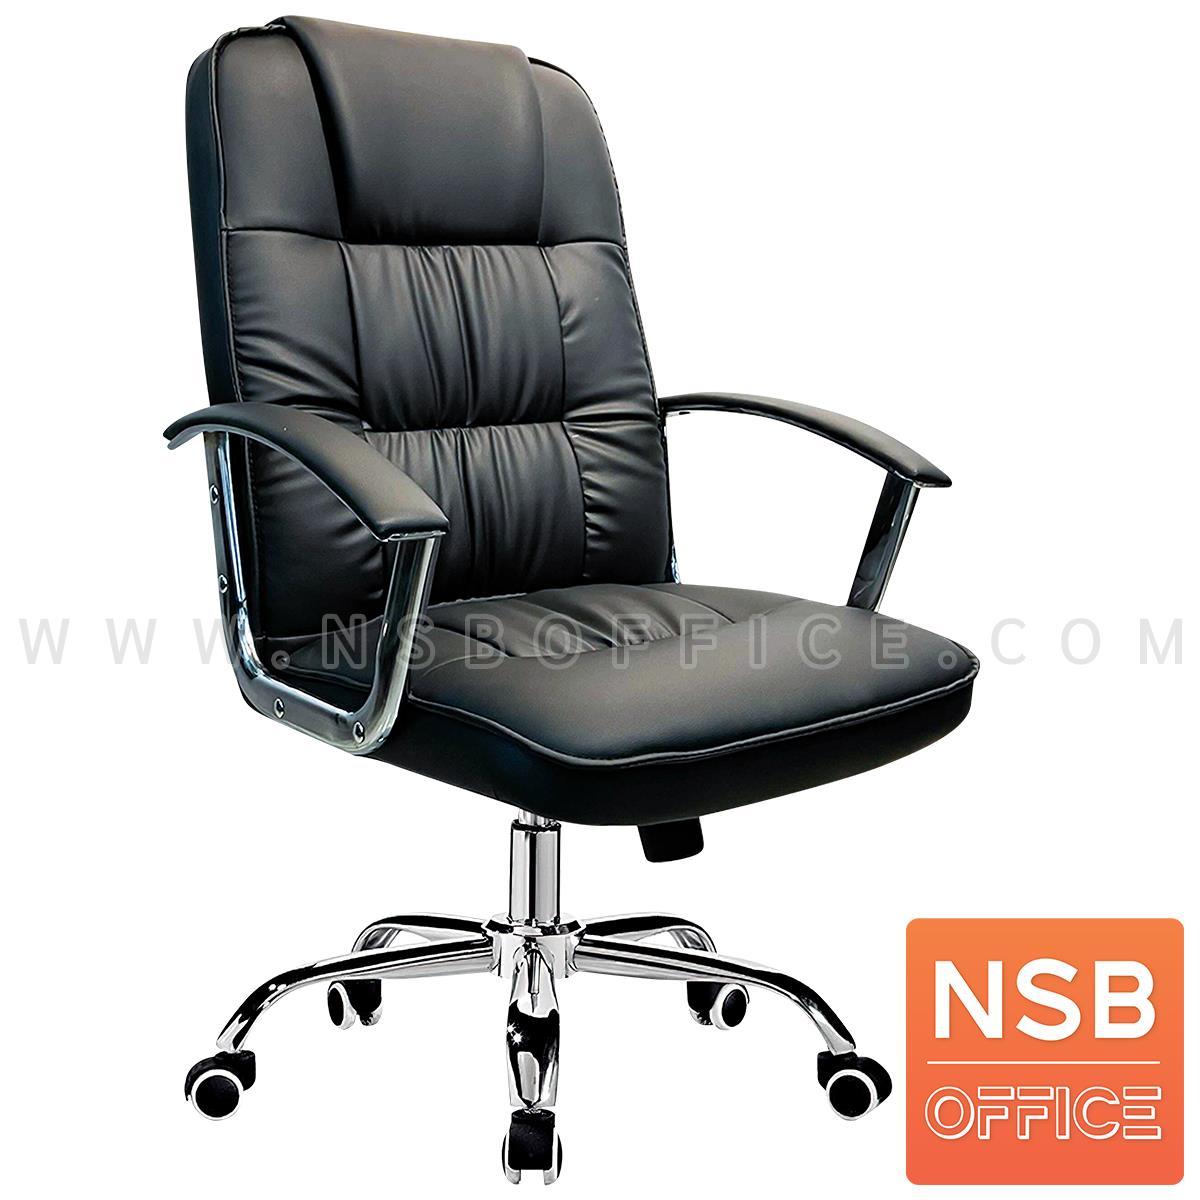 B01A534:เก้าอี้ผู้บริหาร รุ่น Blackthorn (แบล็กตรอน)  โช๊คแก๊ส ก้อนโยก ขาอลูมิเนียม